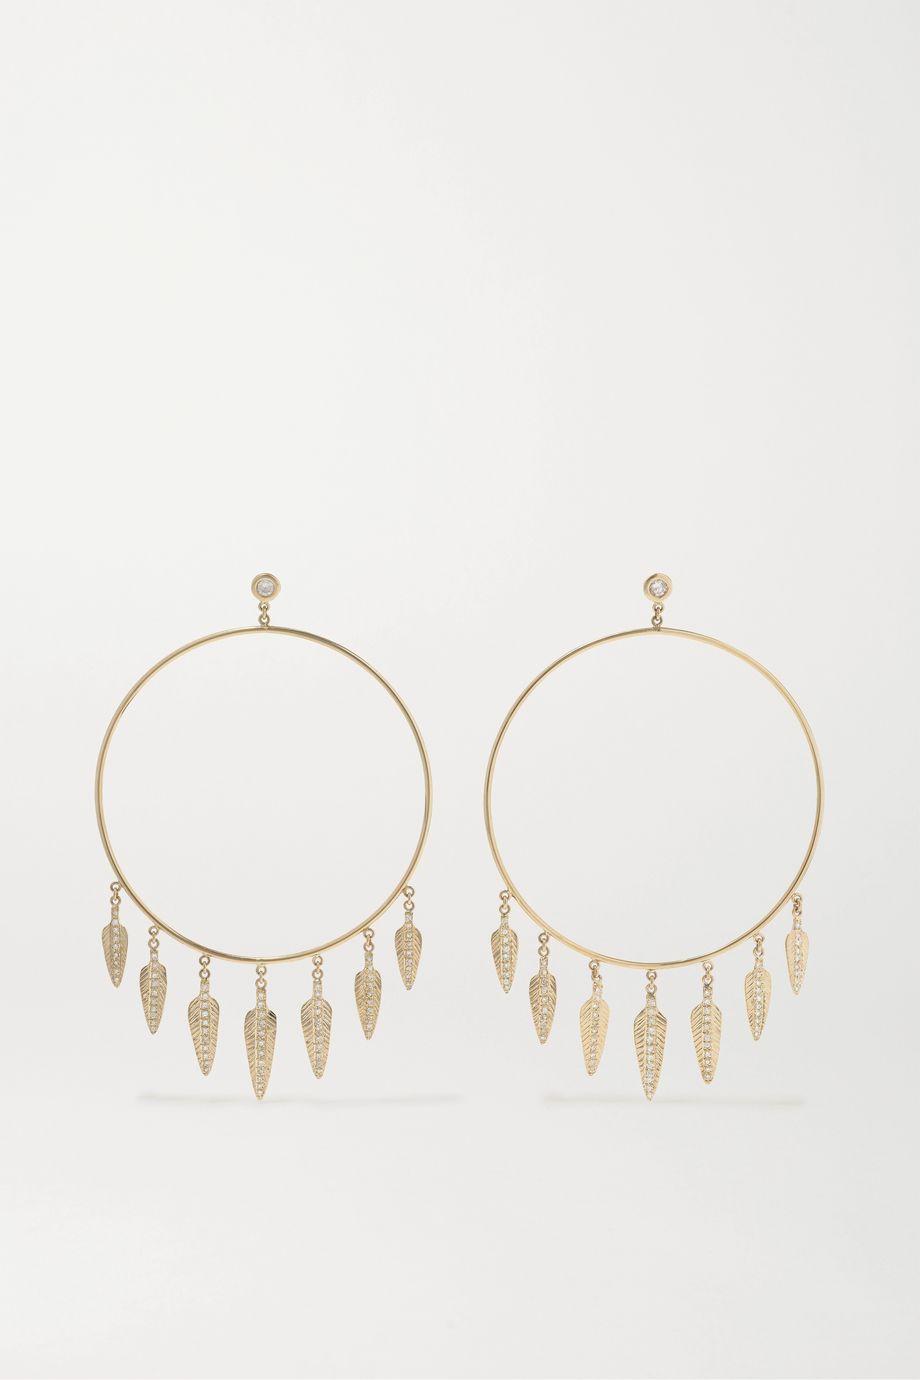 Jacquie Aiche Feather Shaker Ohrringe aus 14 Karat Gold mit Diamanten